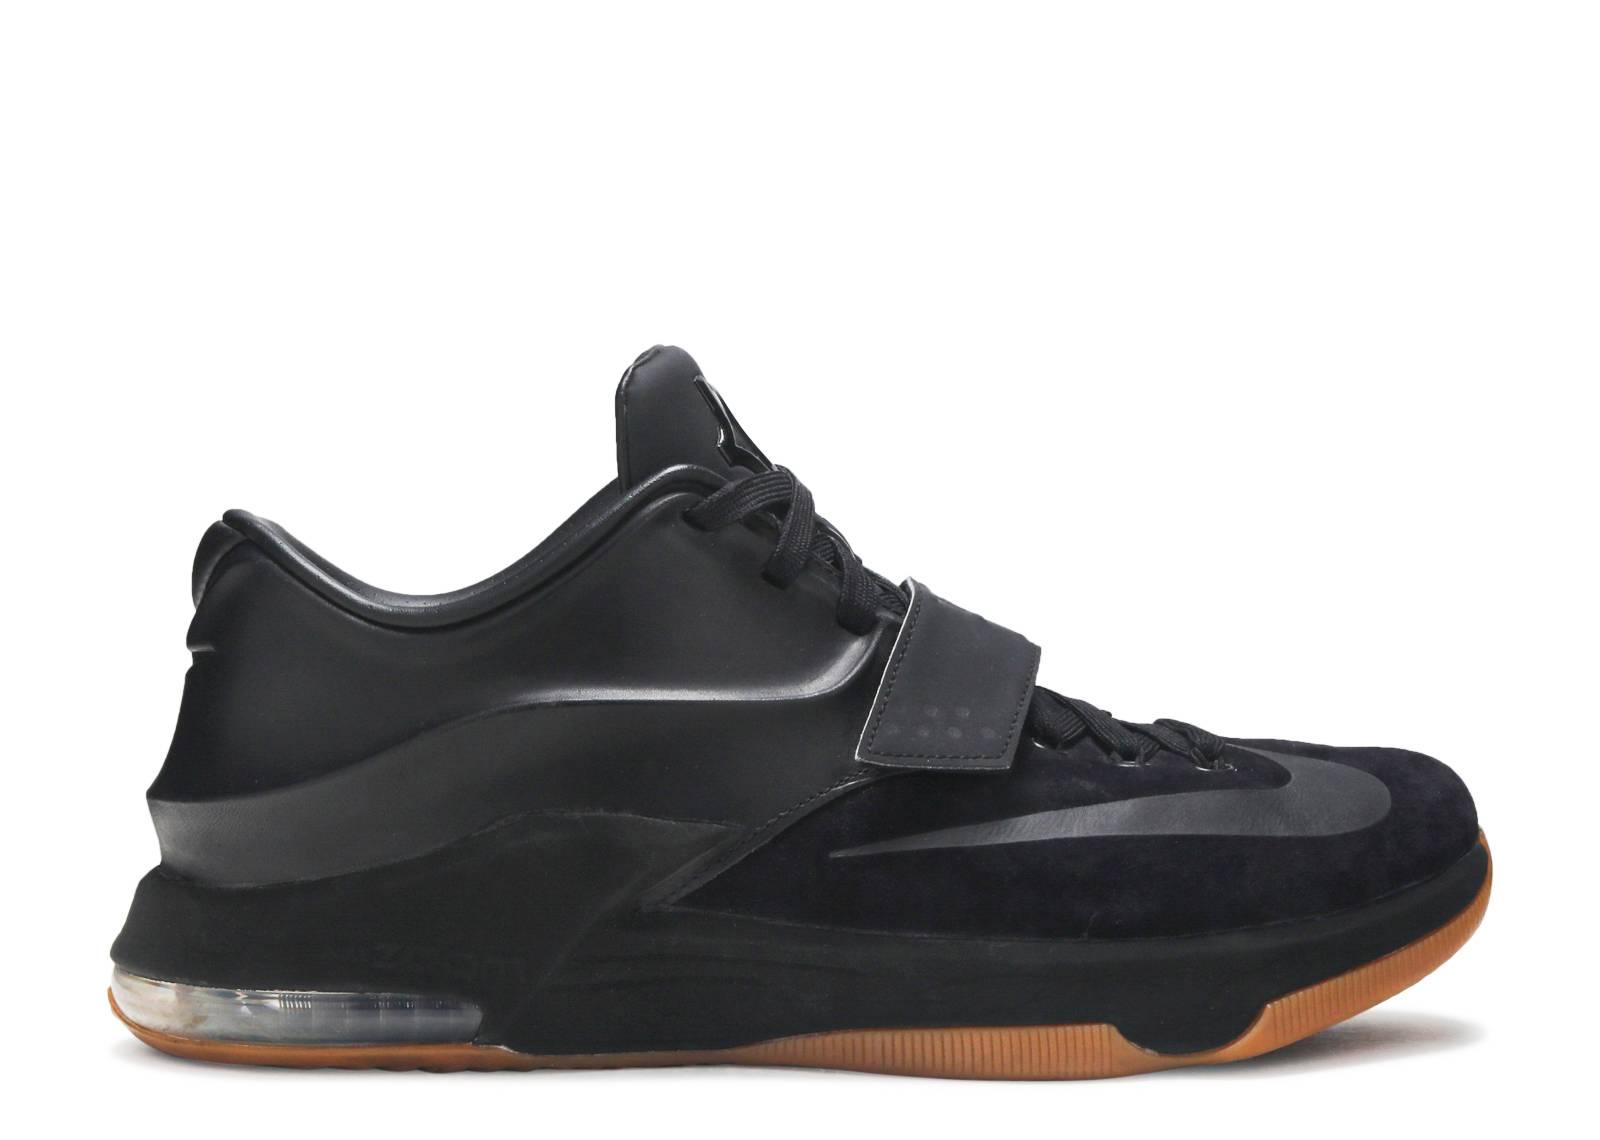 KD7 EXT Suede Men's Shoes Black Black L71d3983